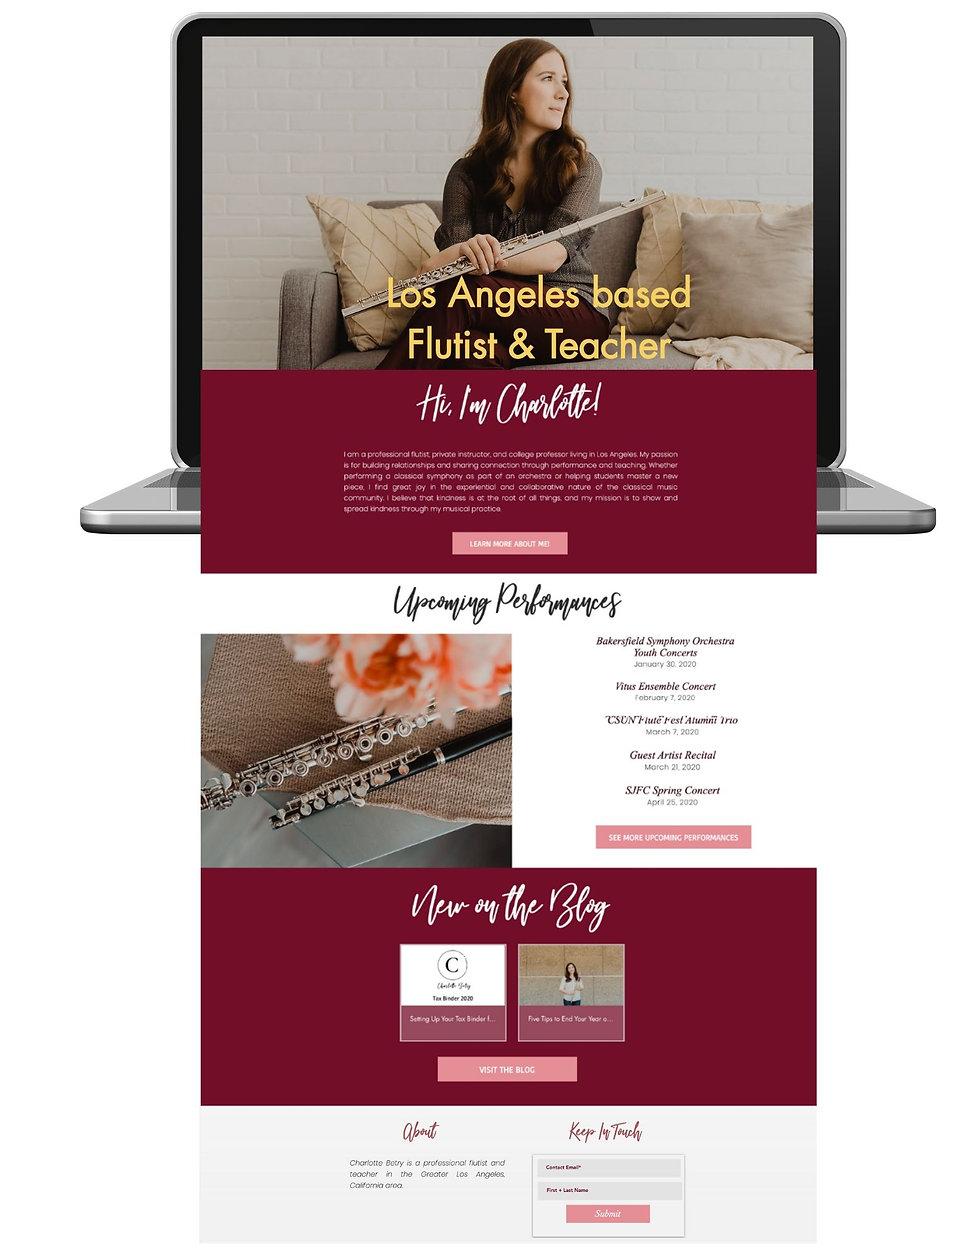 Charlotte-Betry-Flutist-Web-Design.jpg